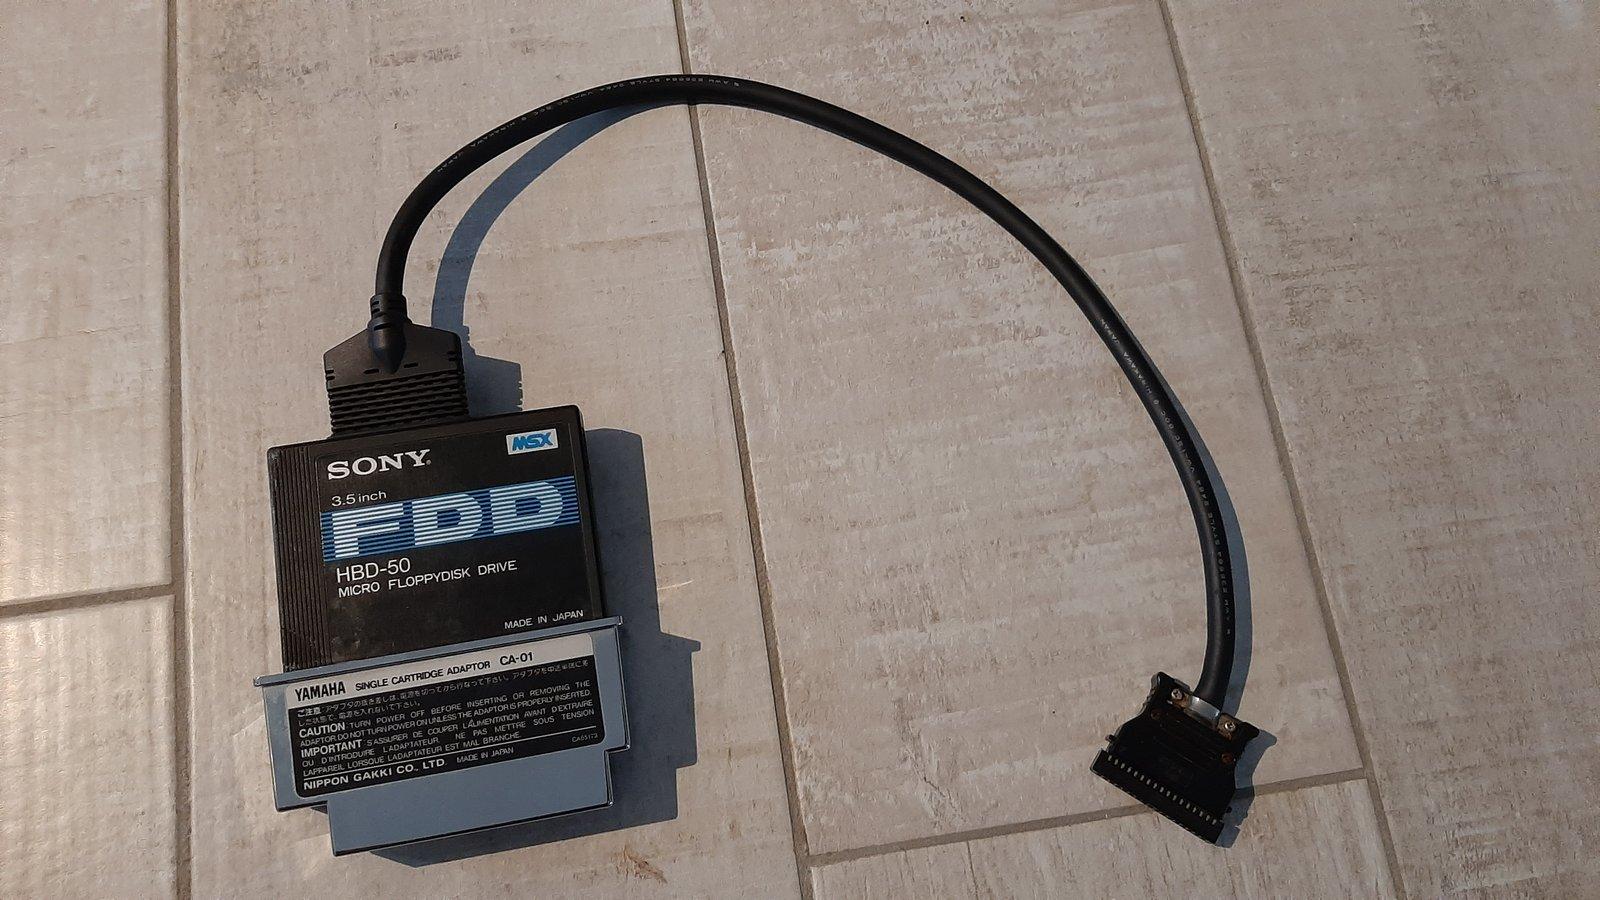 [Estimation] MSX CX5M YAMAHA + clavier MAO + lecteur D7 Sony Fit Bit + souris Yamaha 200627023224321669